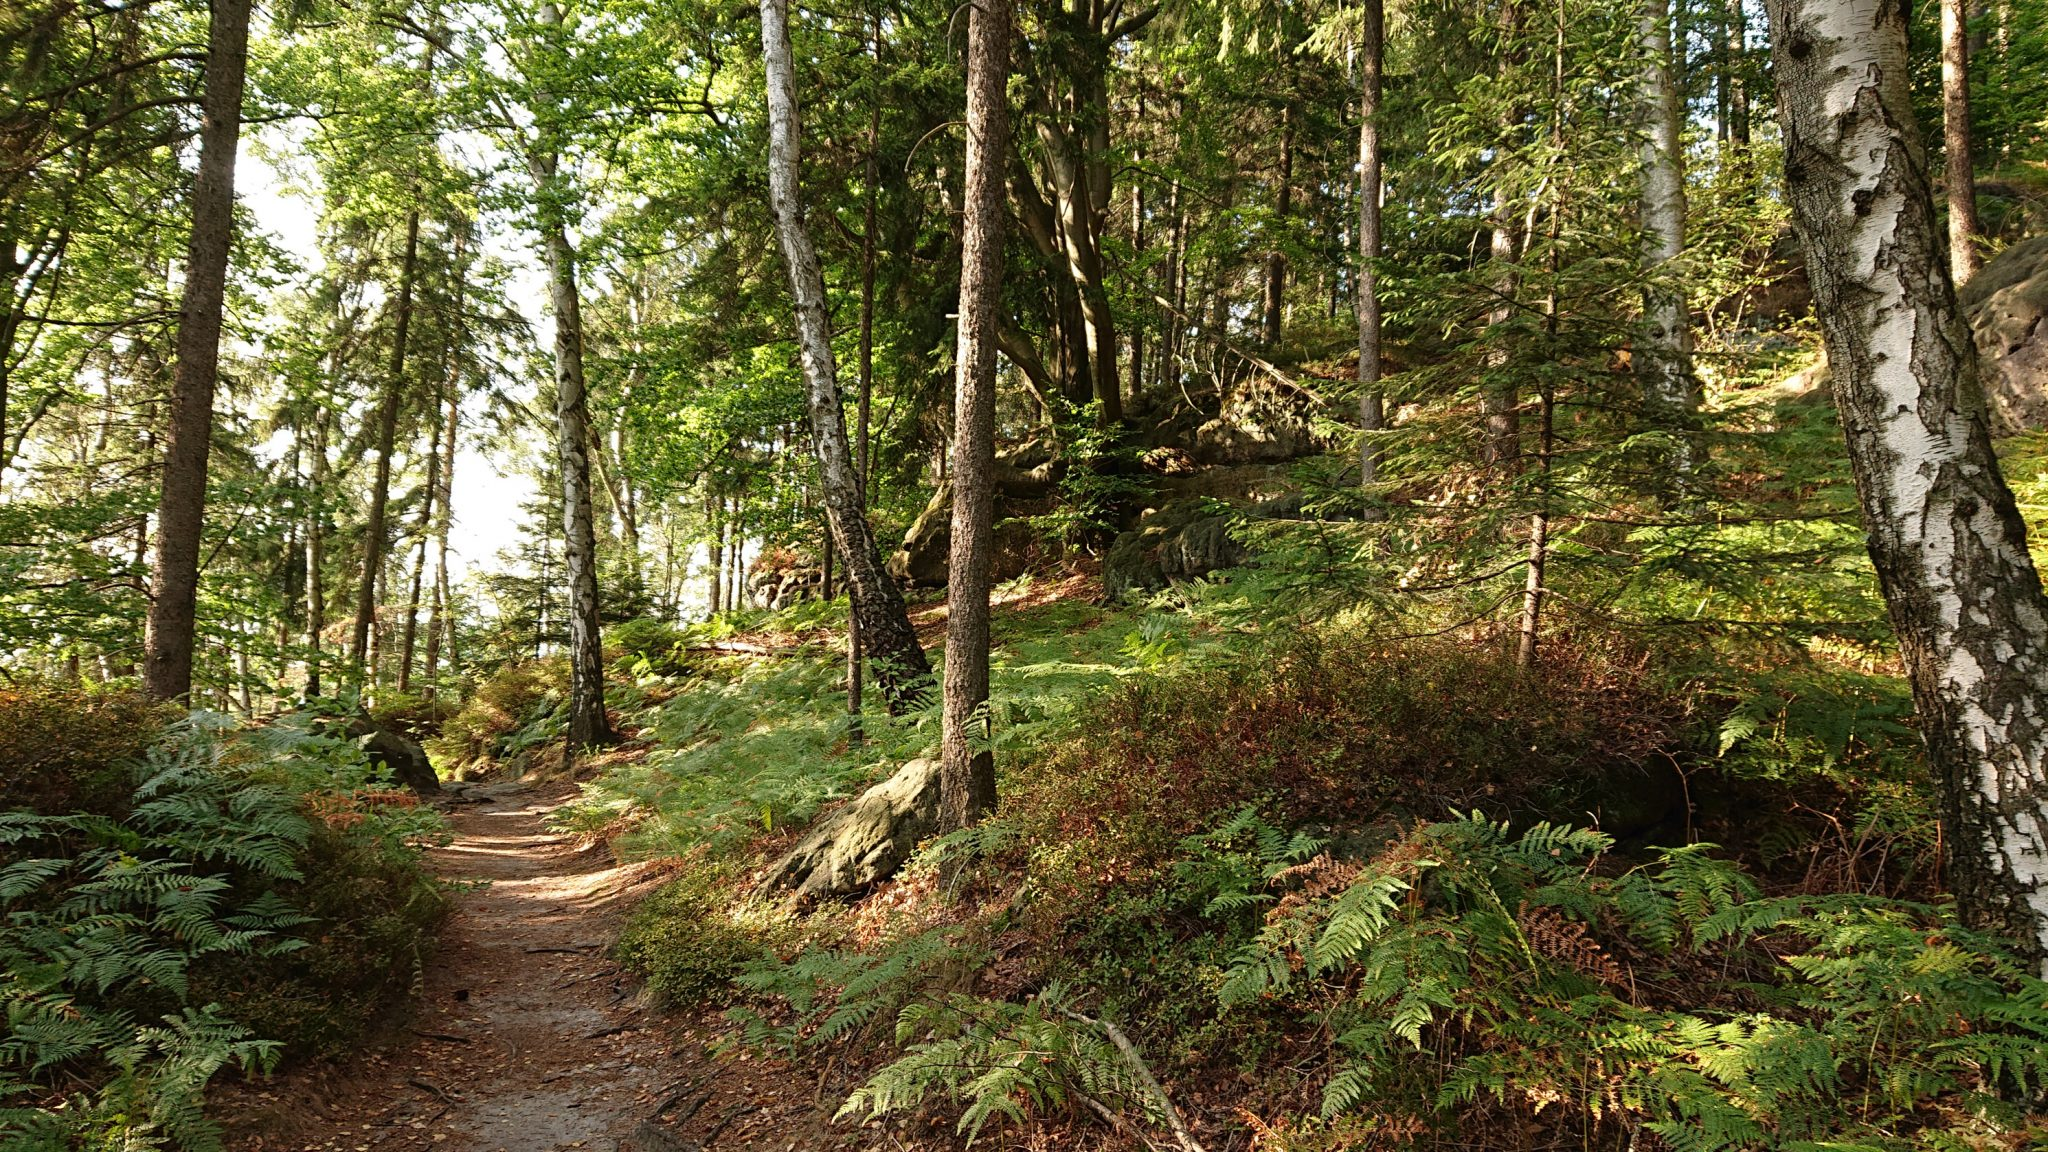 Affensteinweg Frienstein Carolafelsen und Wilde Hölle, Wanderweg im Wanderparadies Sächsische Schweiz mit vielen tollen Aussichten, riesiger Felsennationalpark, schöner Wald mit Farne